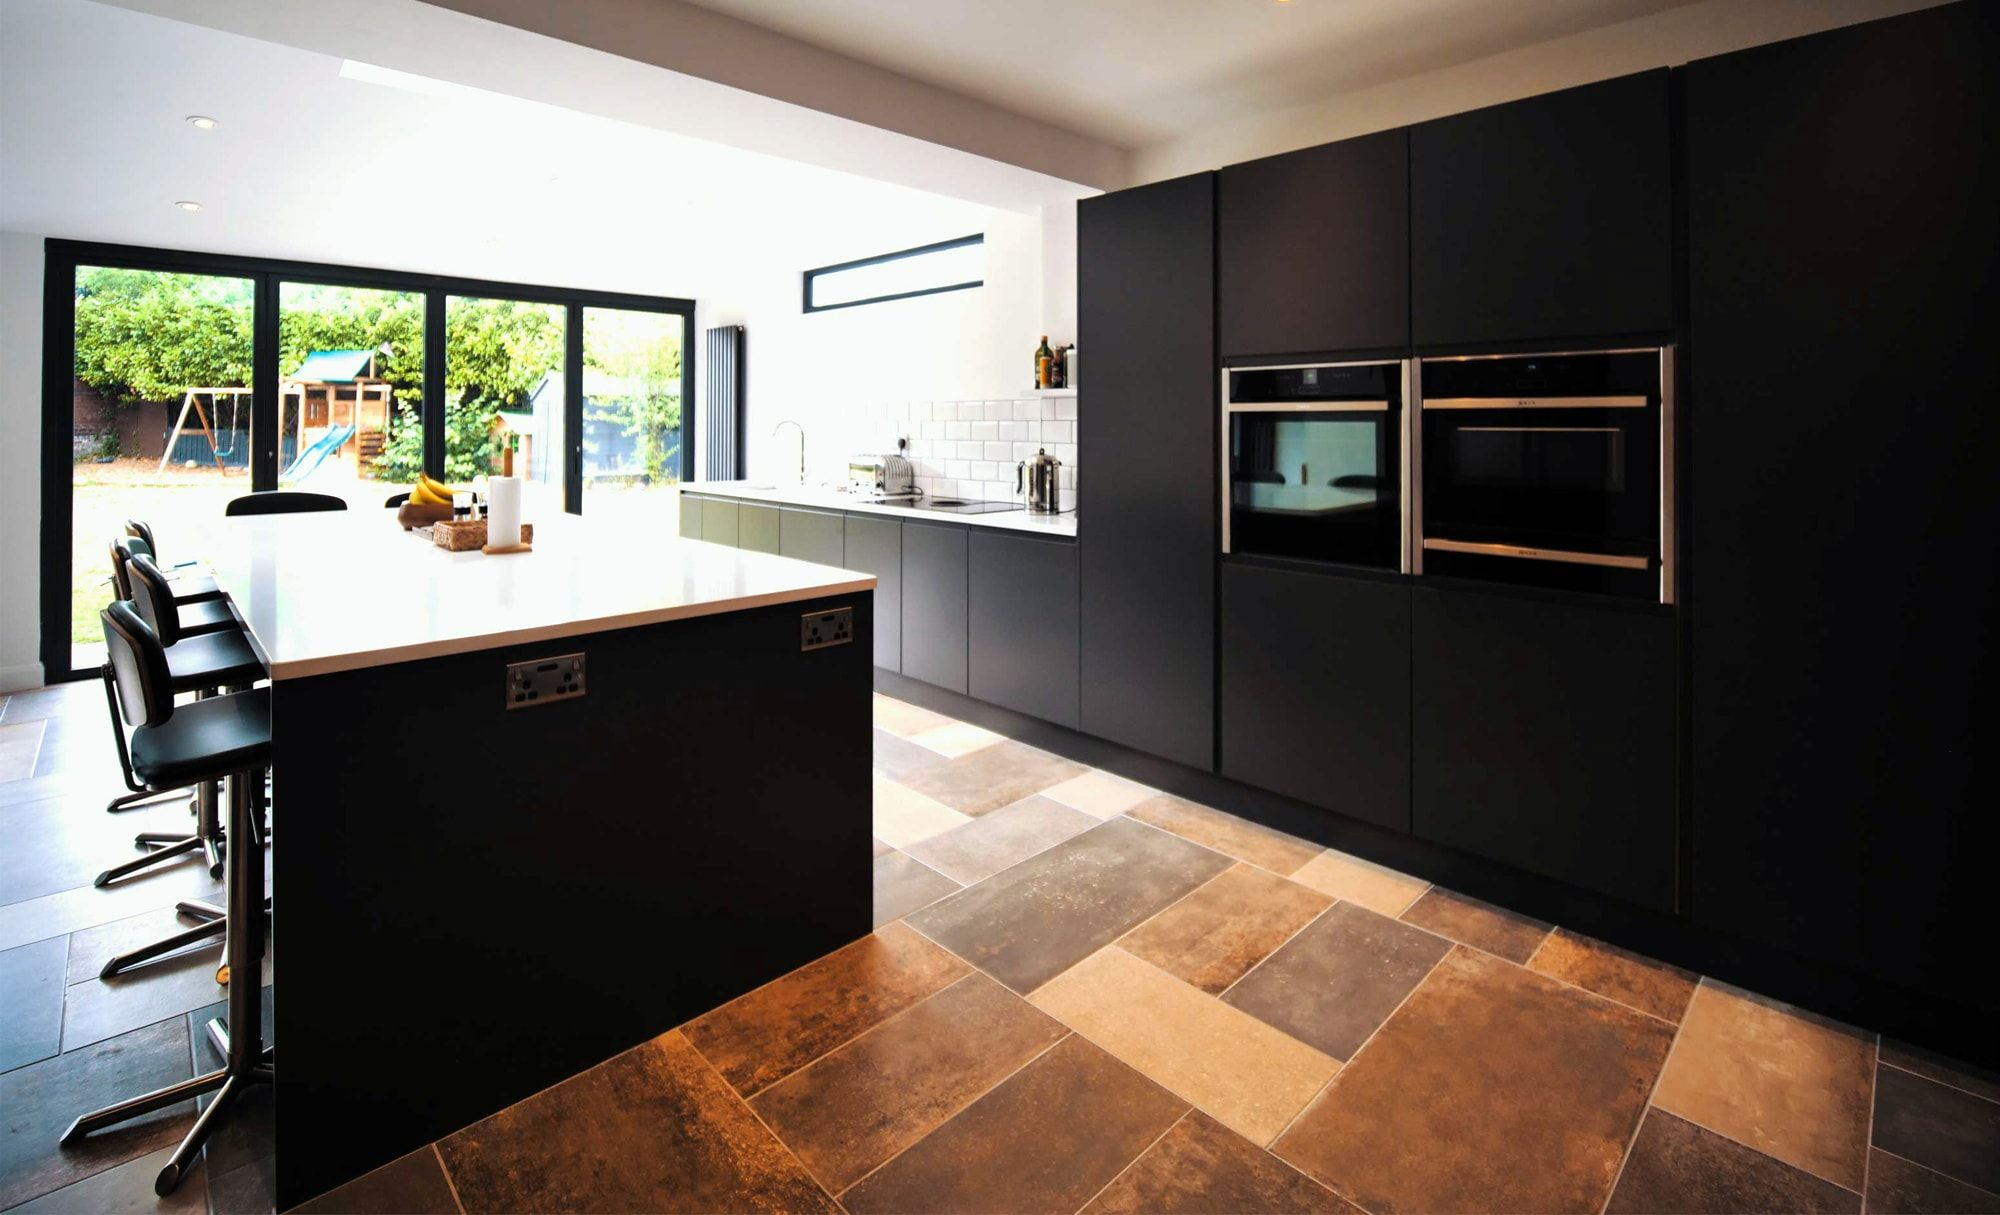 Kitchens Wolverhampton in 2020 Urban kitchen, Kitchen